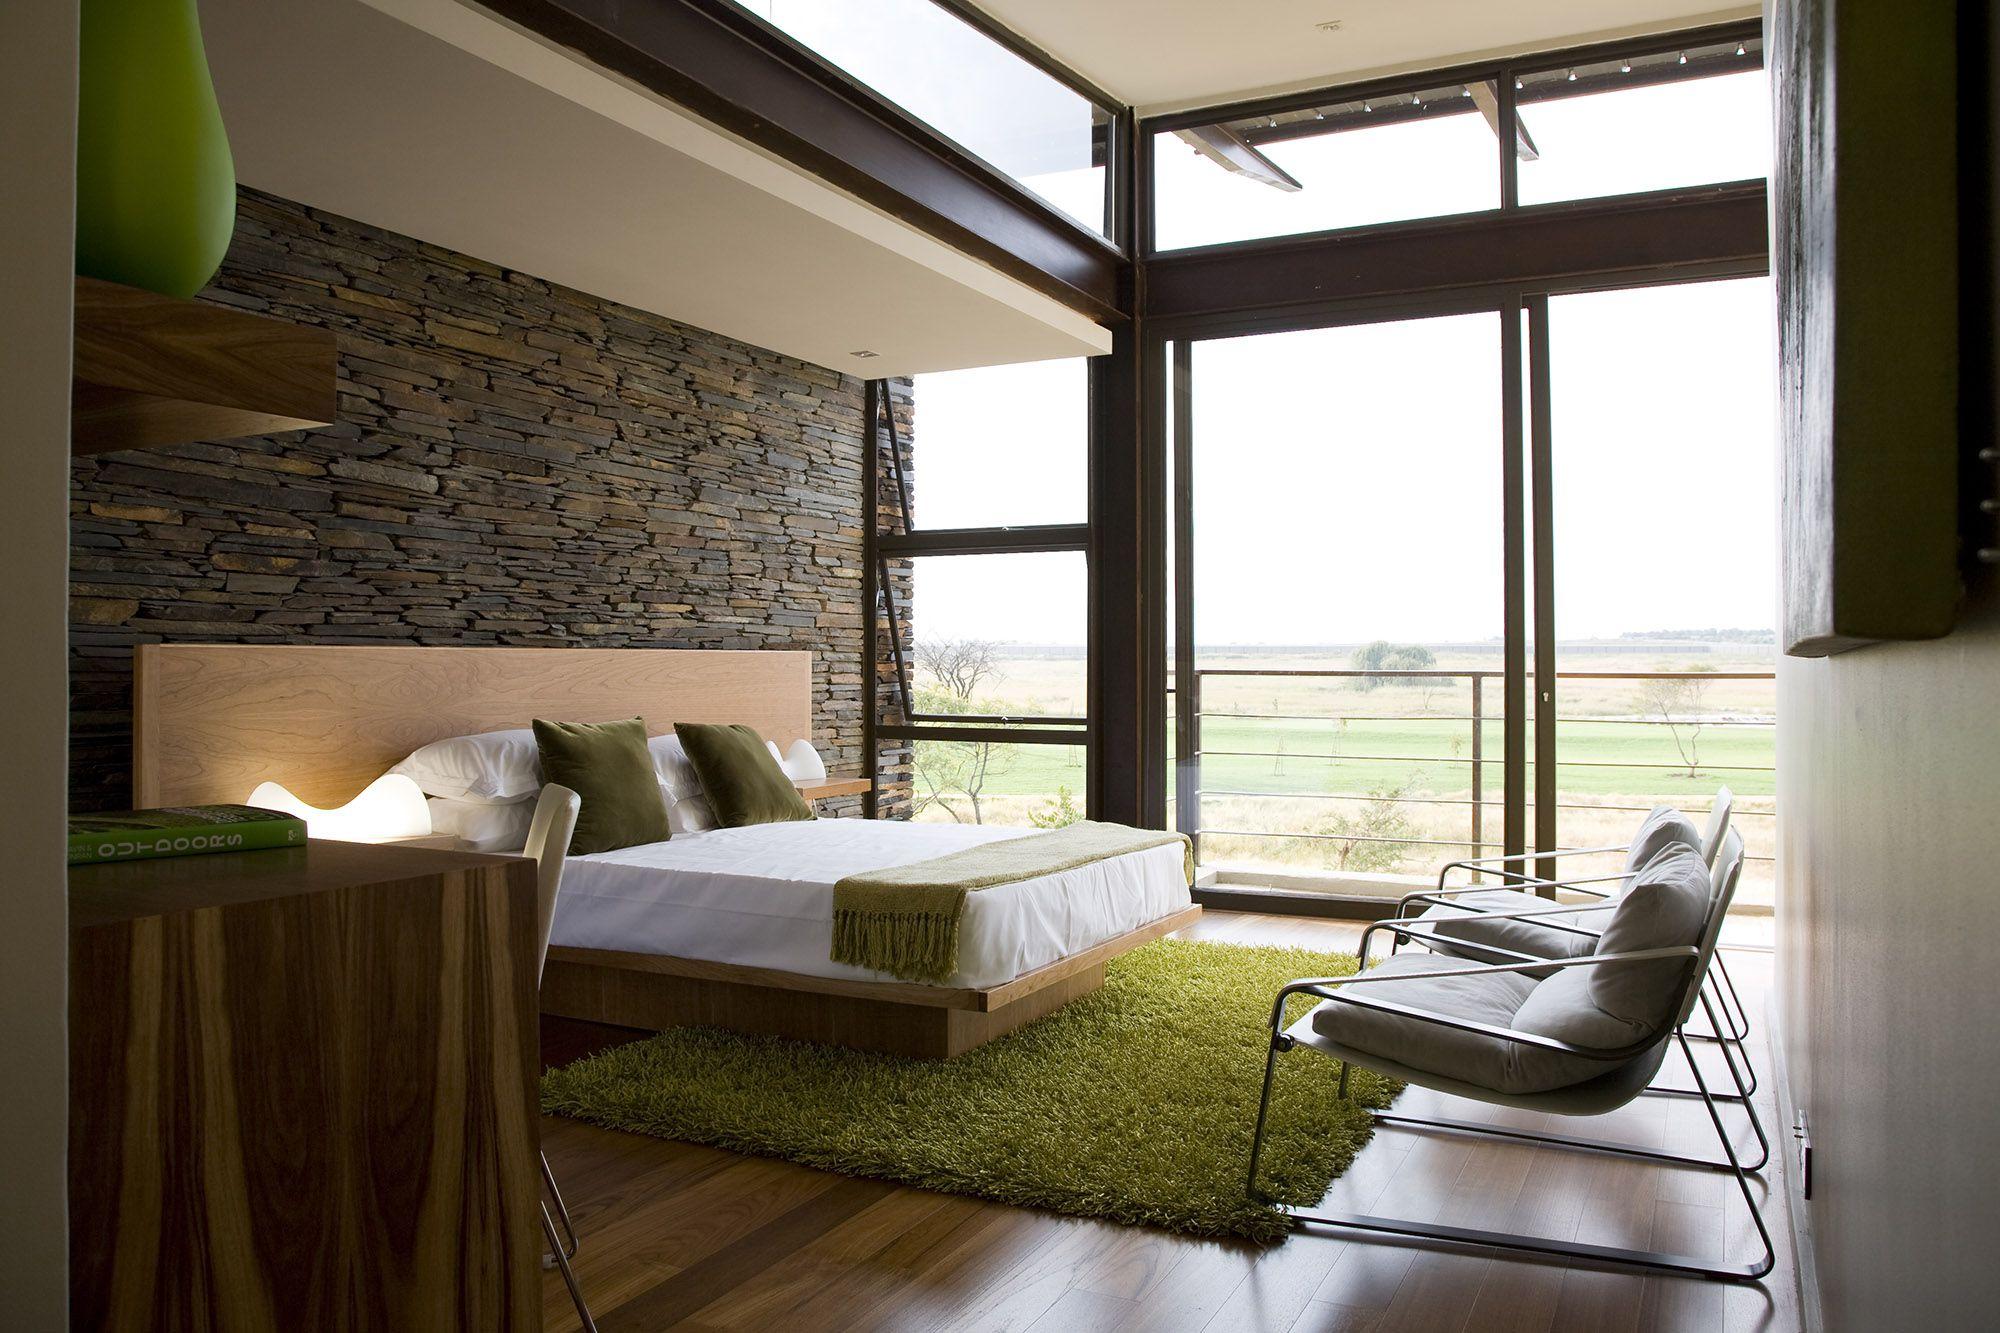 Serengeti Designed by Rudolph van der Meulen 261